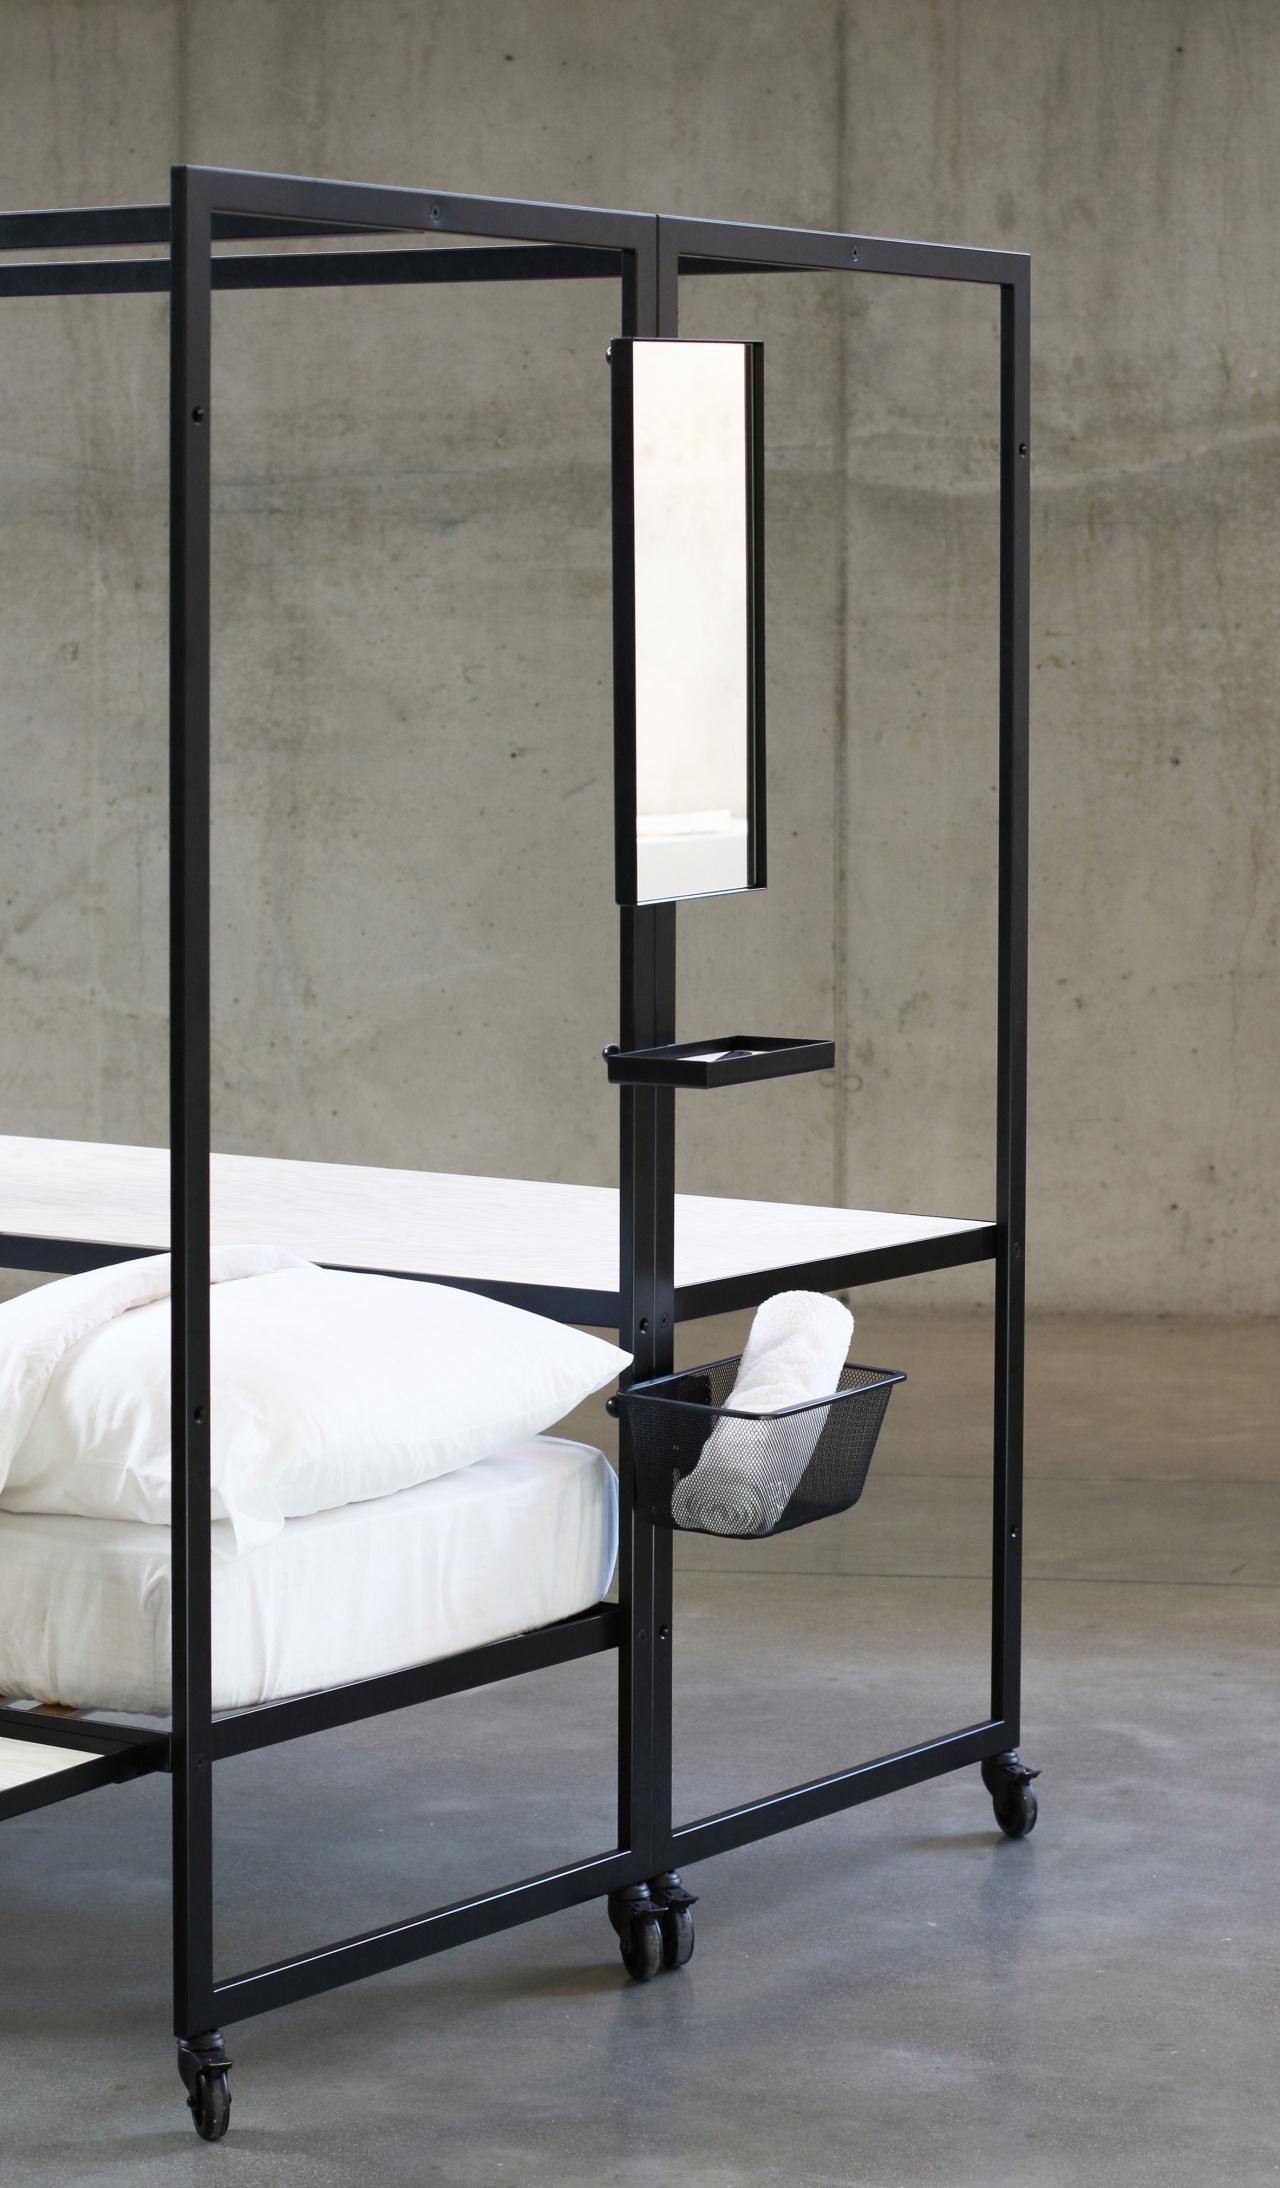 框架的一端設有鏡子、籃子及架子。 (Pieter Peulen)